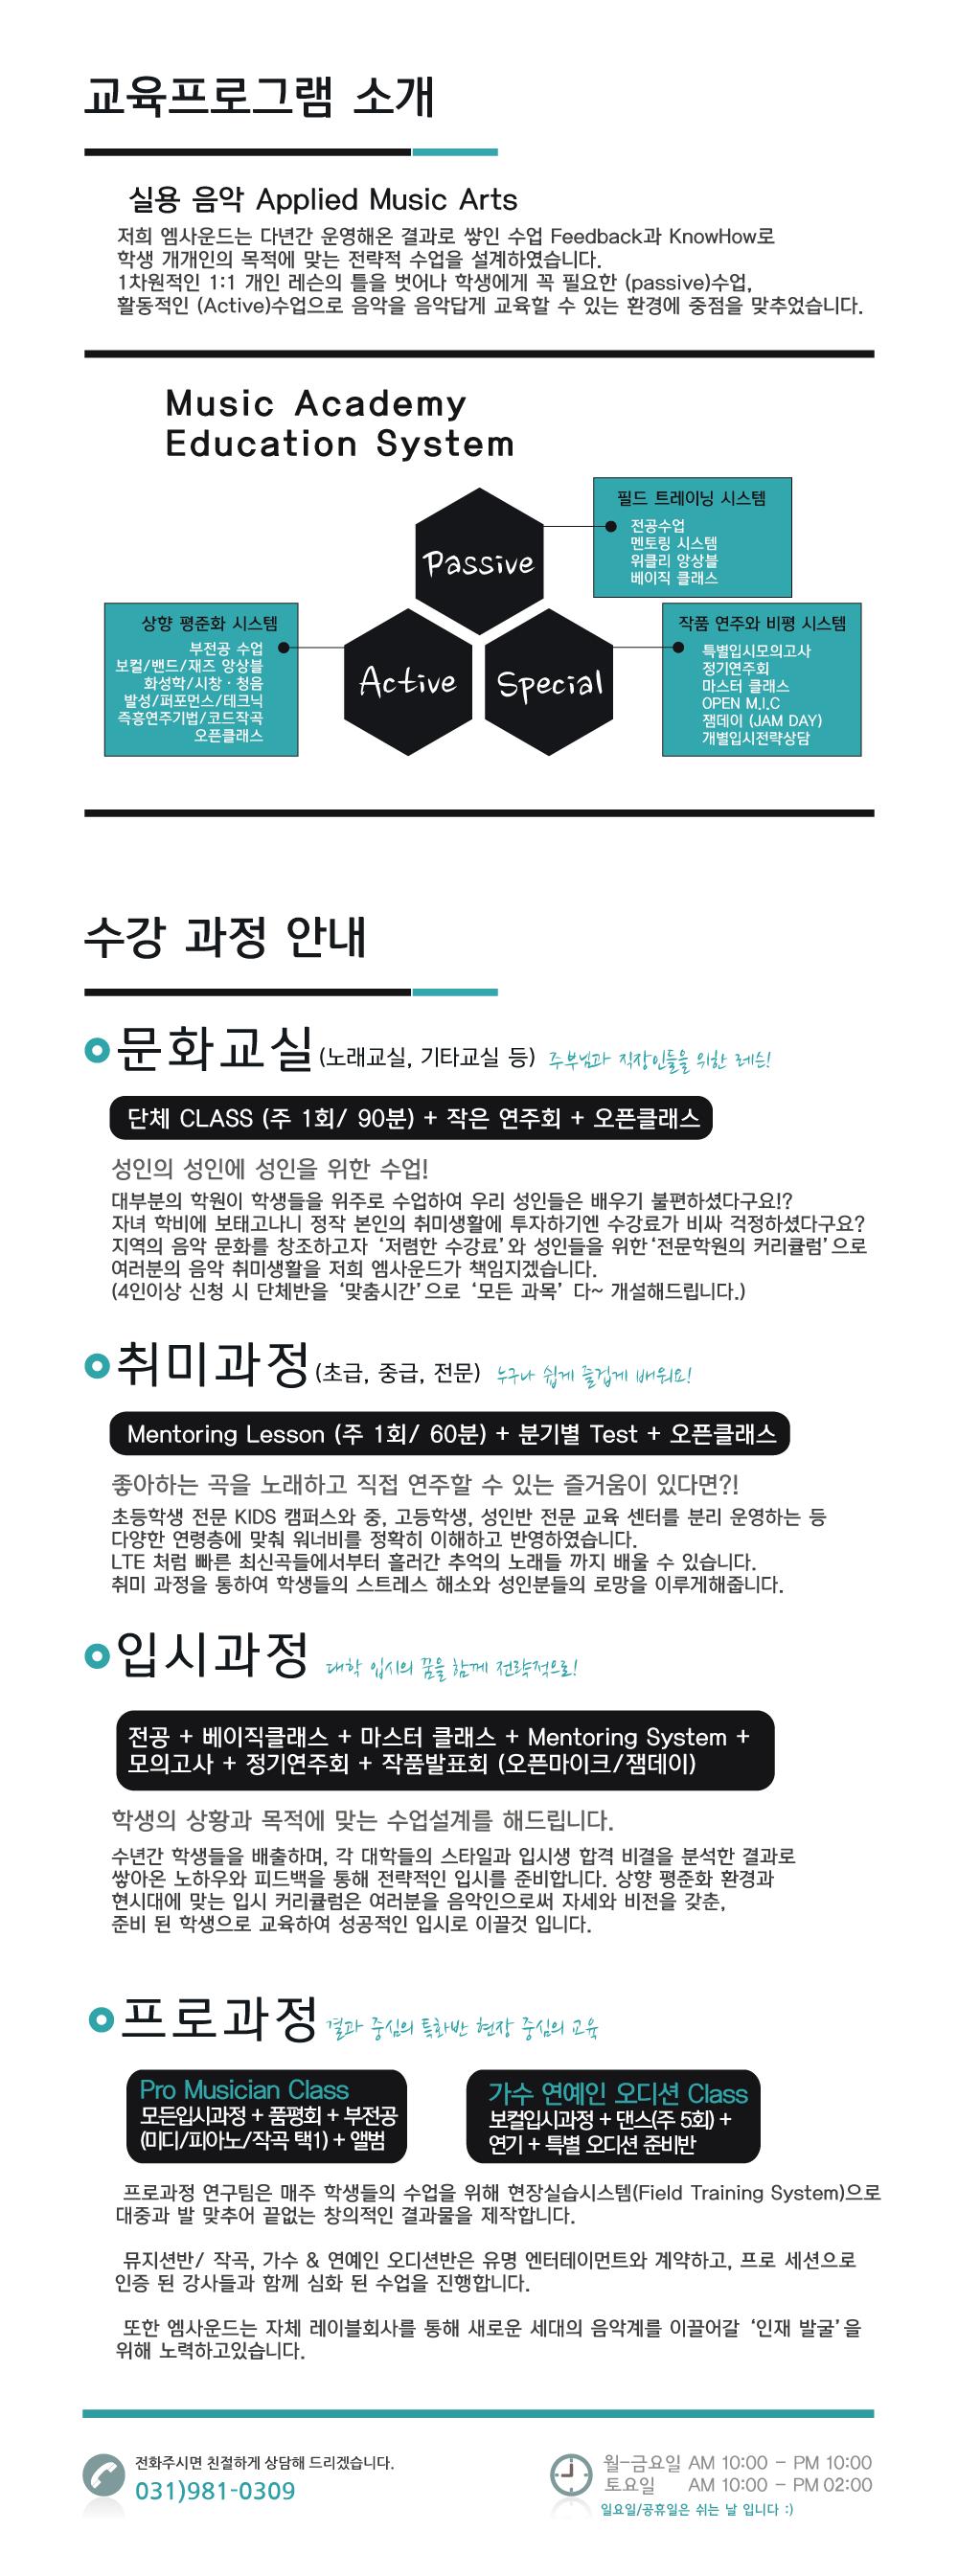 교육과정소개---뮤직--과목--학원정보수정중_01.png